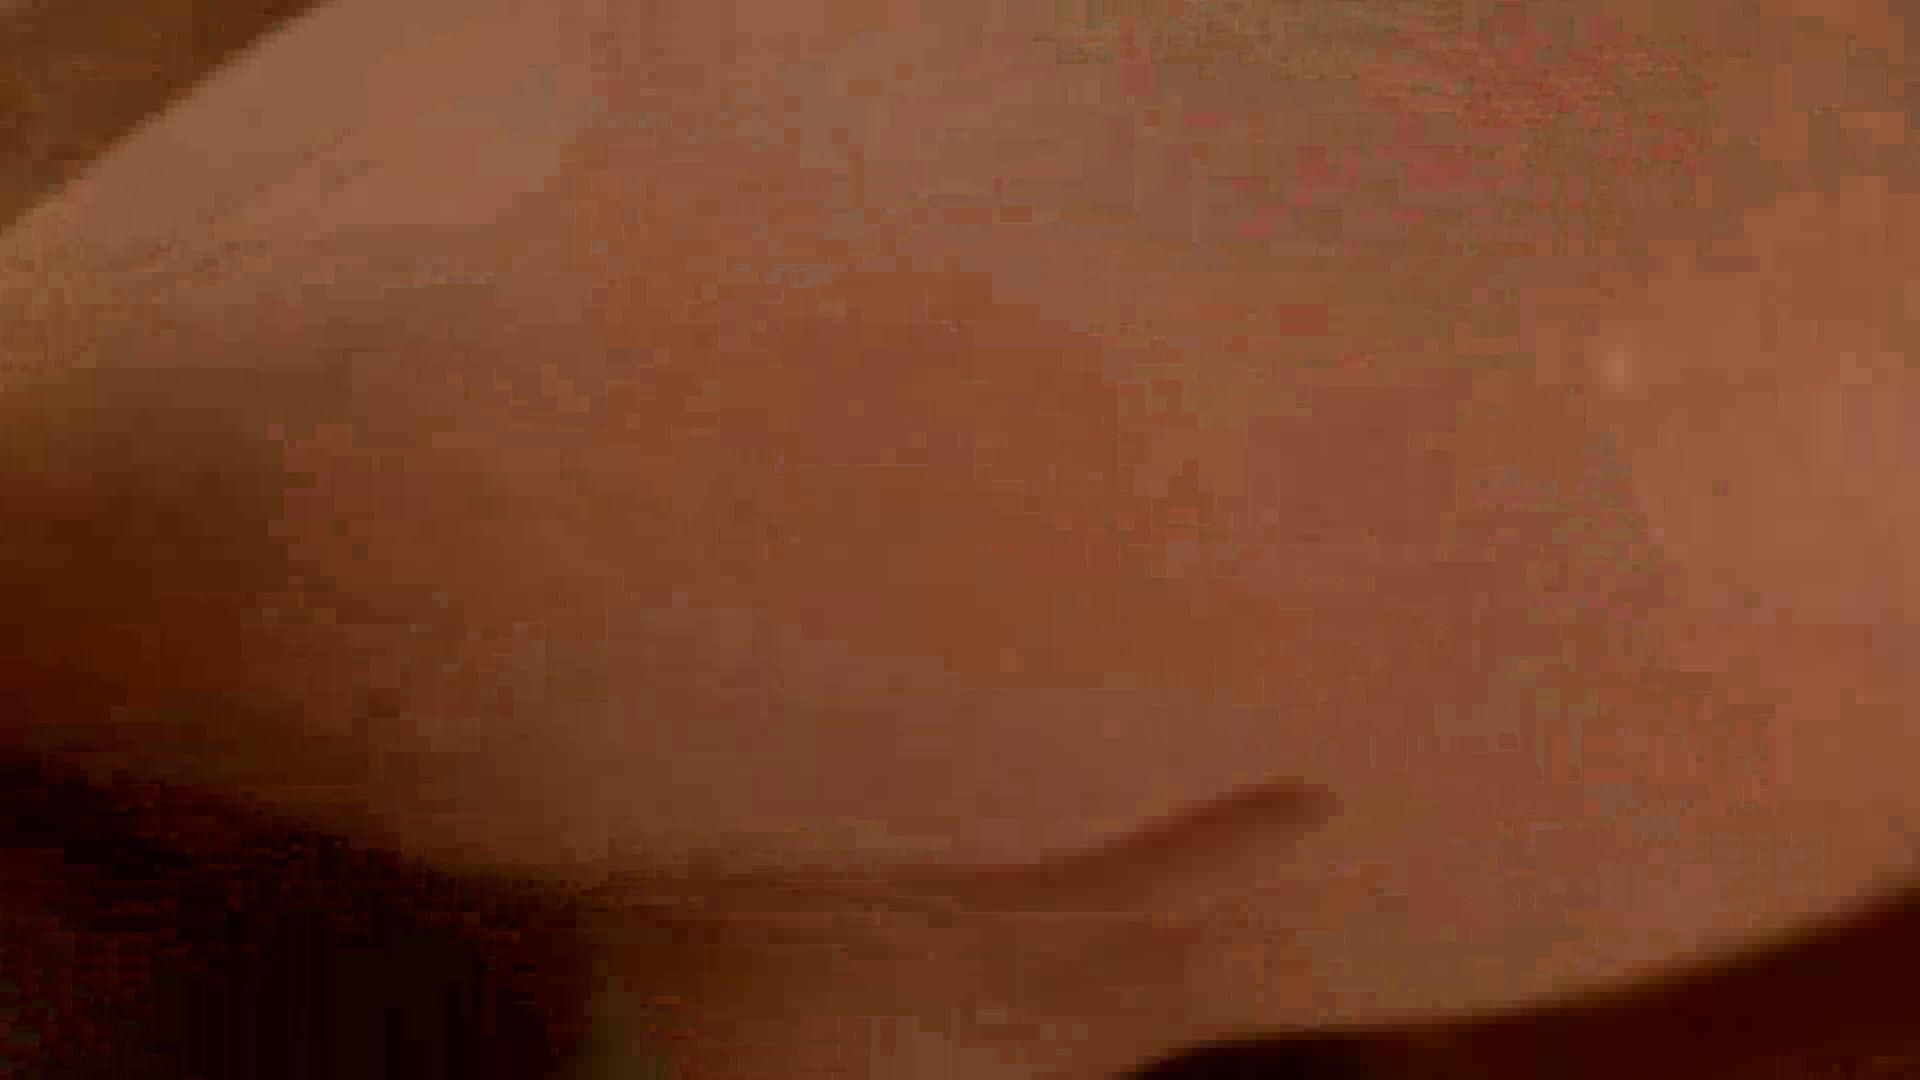 淫乱ギャル~エロい事を教えてあげる Vol.10 後編 ギャルのエロ動画   卑猥すぎ  92PIX 16